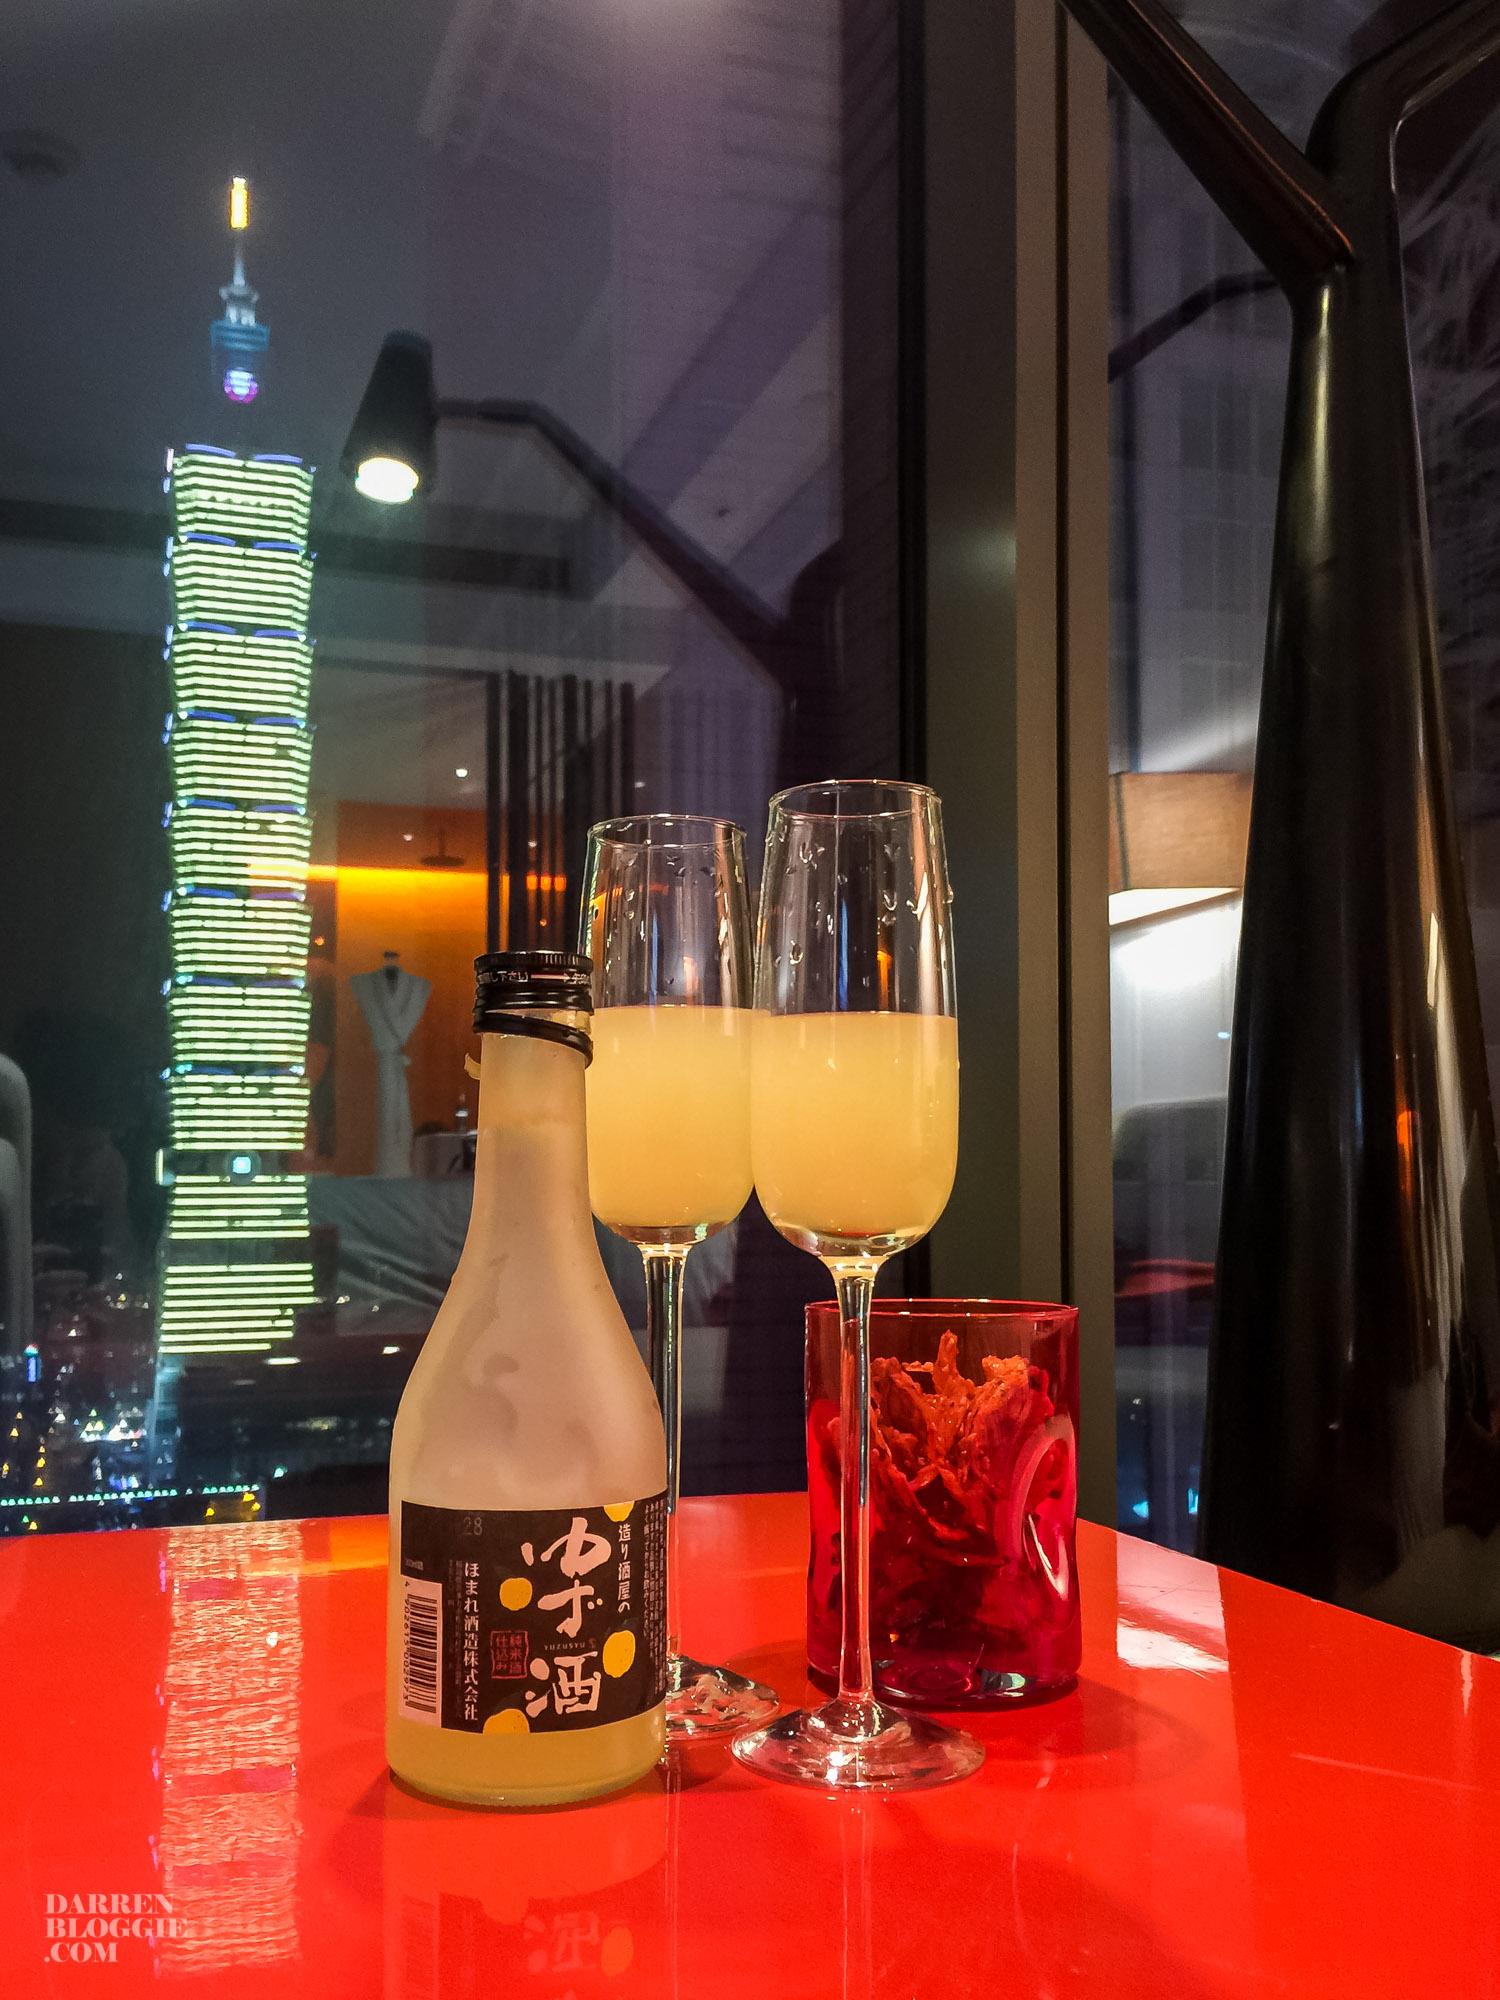 w-hotel-taipei-taiwan-darrenbloggie-25